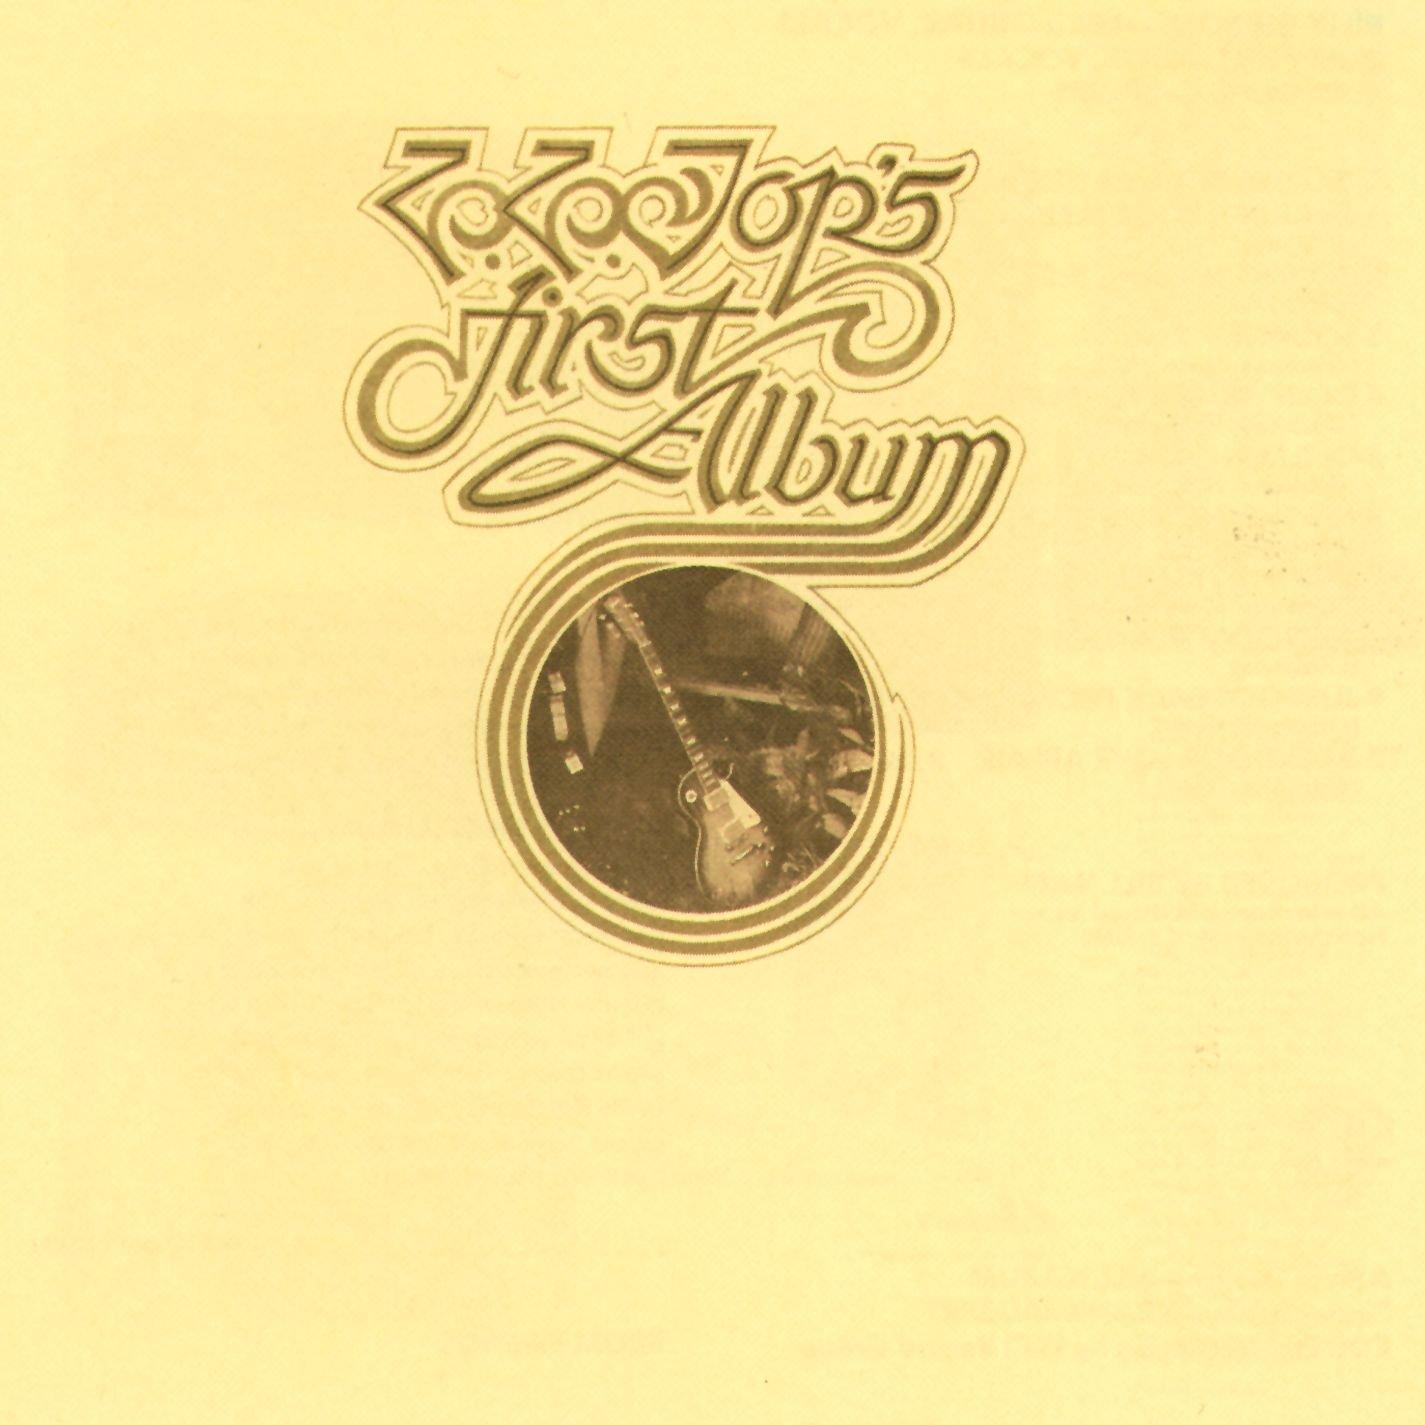 First album. Portada del primer álbum de ZZ Top